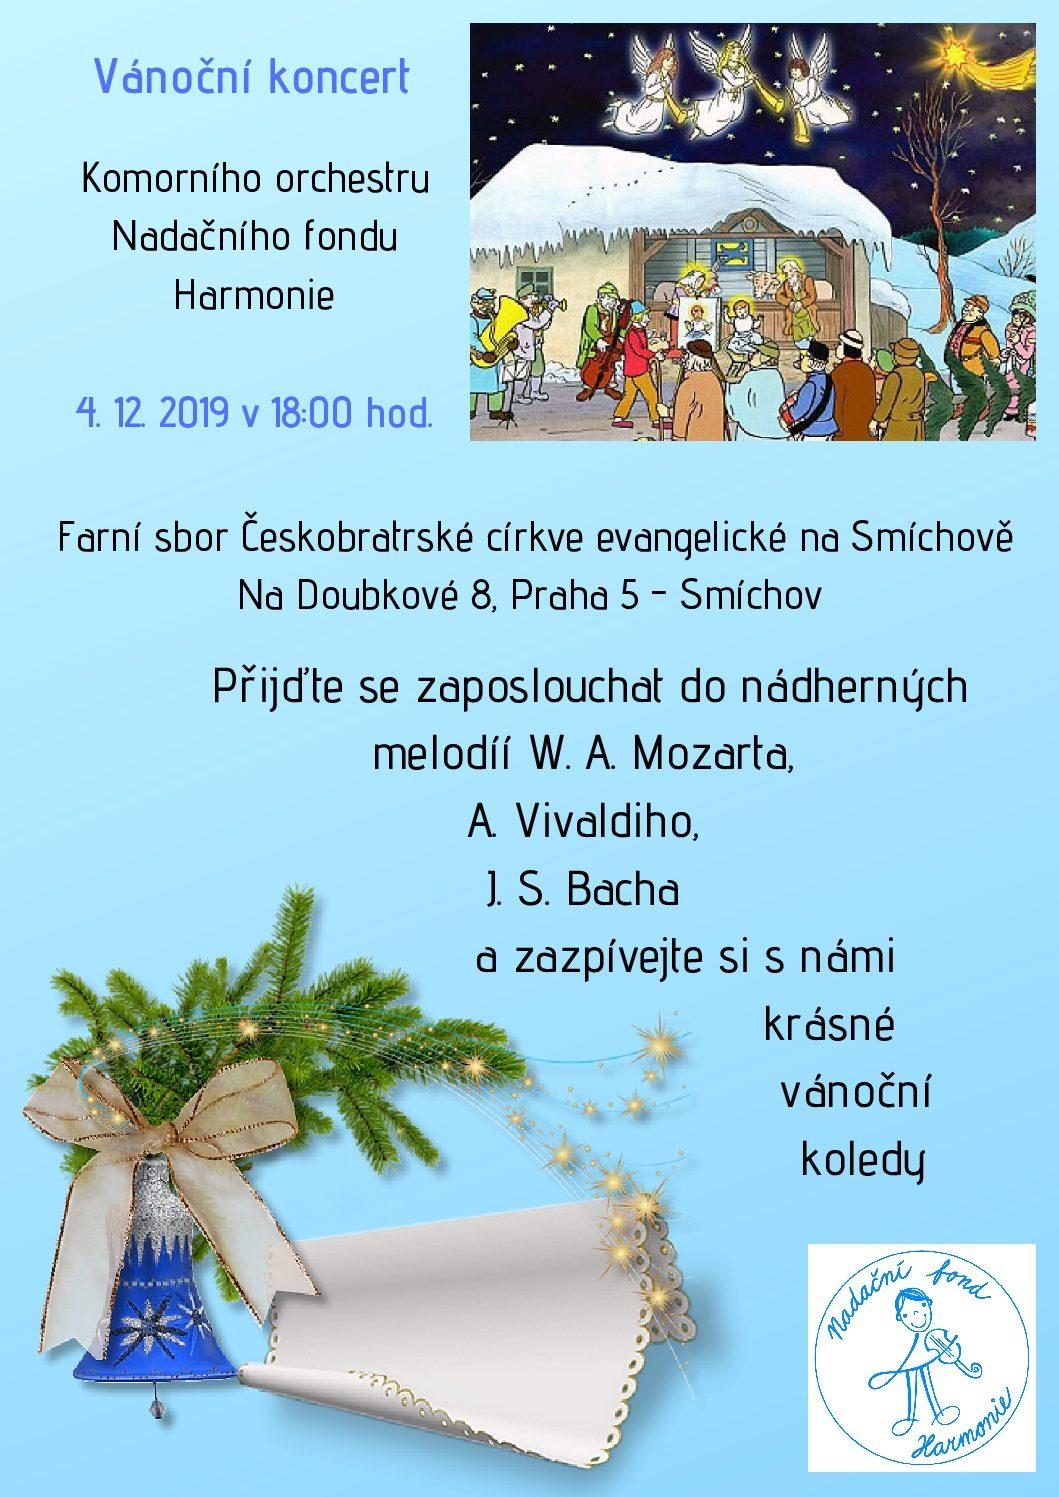 Vánoční koncert Komorního orchestru NFH v kostele Českobratrské církve evangelické 4. 12. 2019 v 18.00 hodin